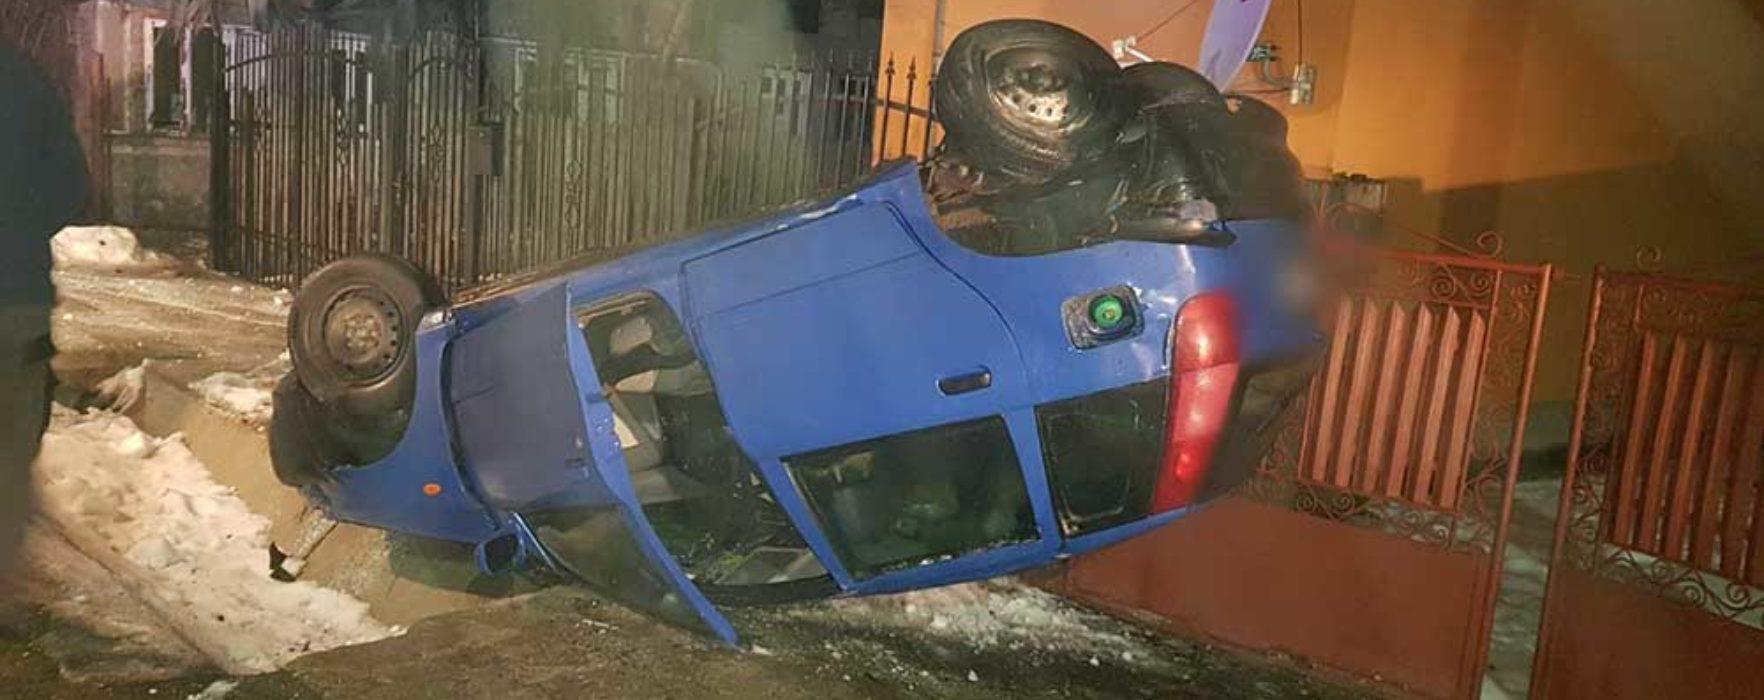 Șotânga: Şofer în vârstă de 18 ani a derapat şi s-a răsturnat cu maşina